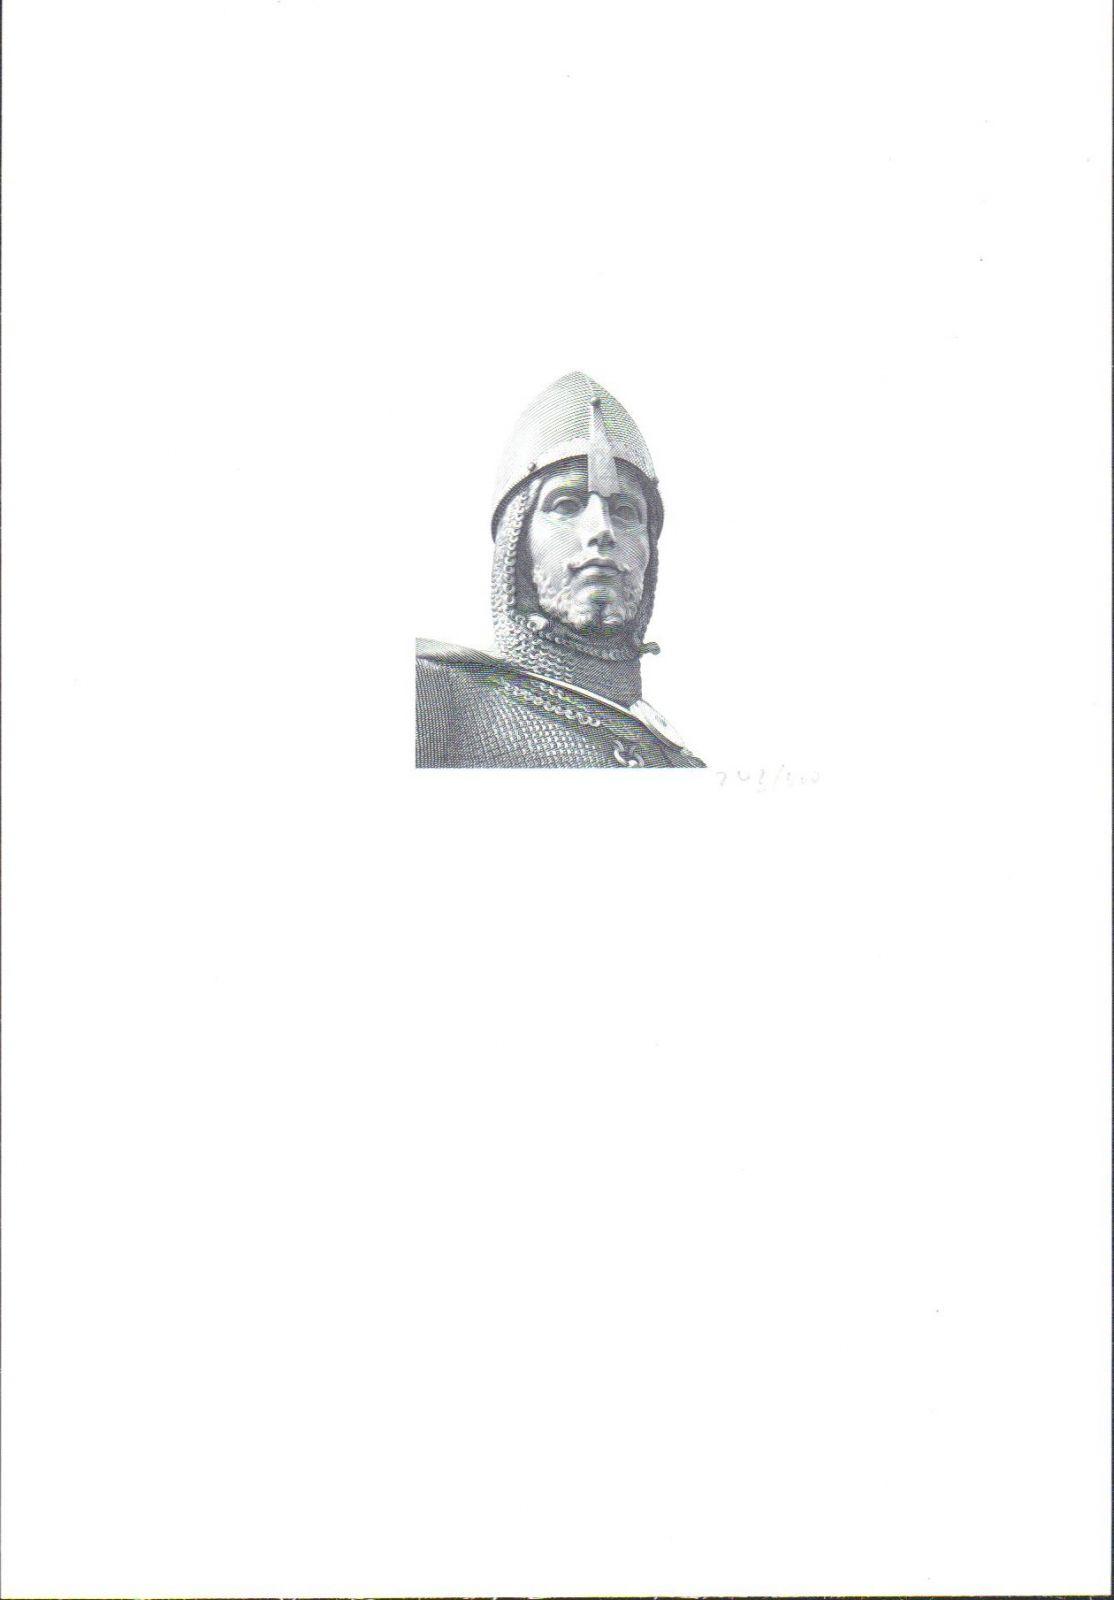 Černotisk Svatý Václav (motiv protektorátní 5000K 1944), hlubotisk, stav UNC, číslo 243/300